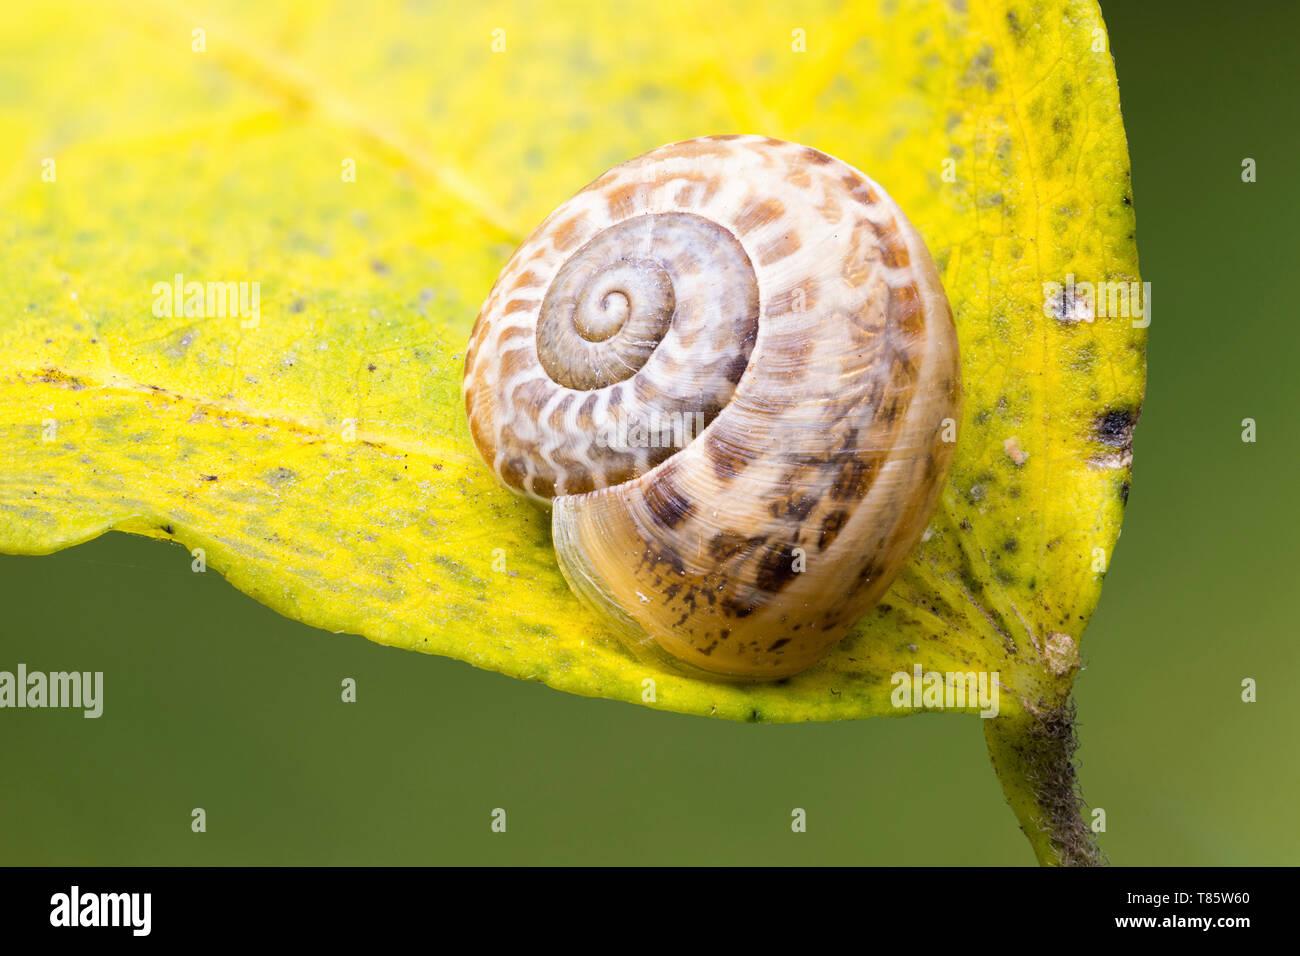 Garden snail hibernating - Stock Image